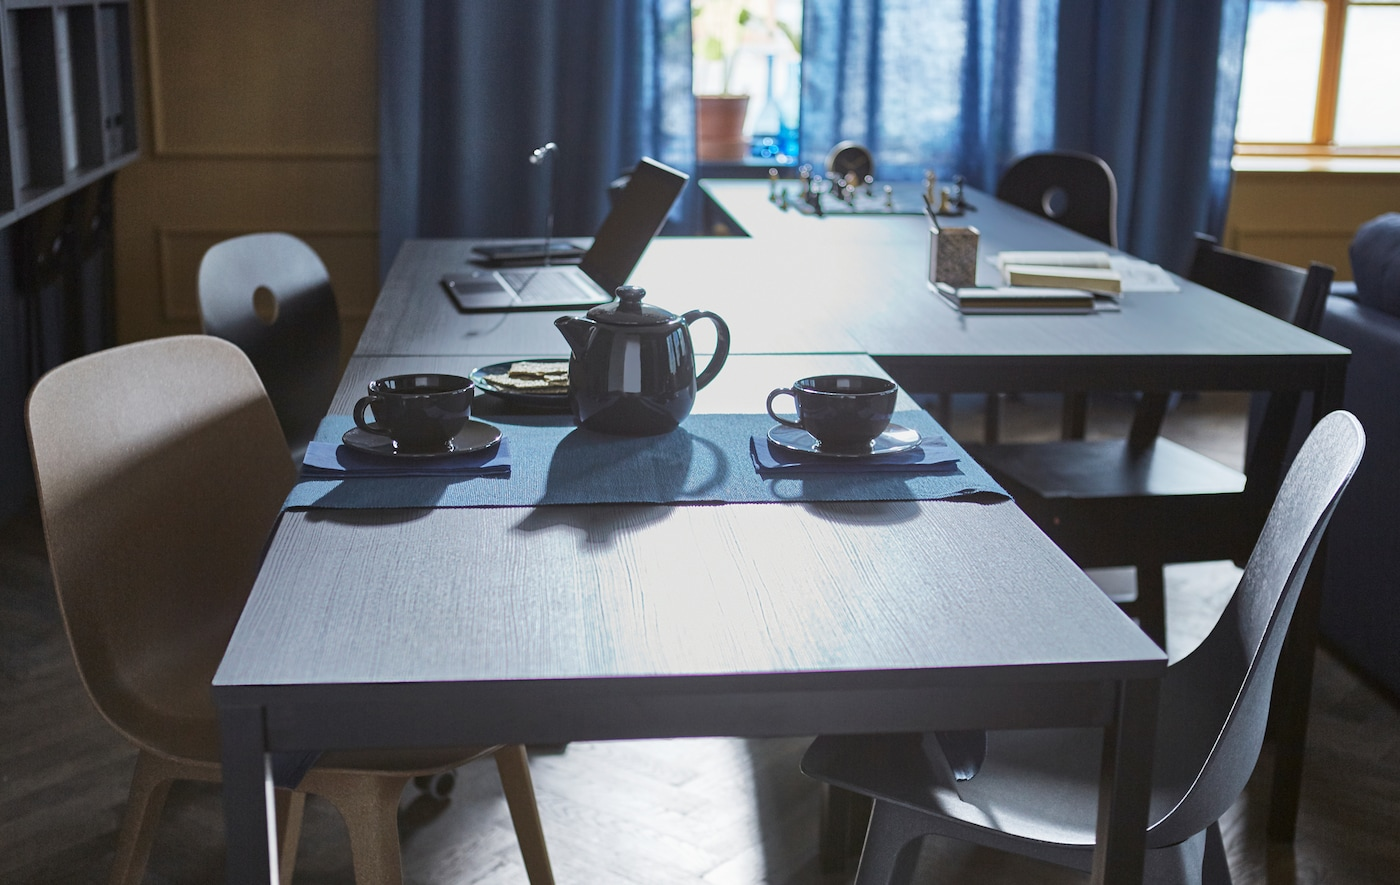 4 mesas são dispostas em ziguezague para acomodar diferentes atividades como um jogo de xadrez, os trabalhos de casa e um lanche